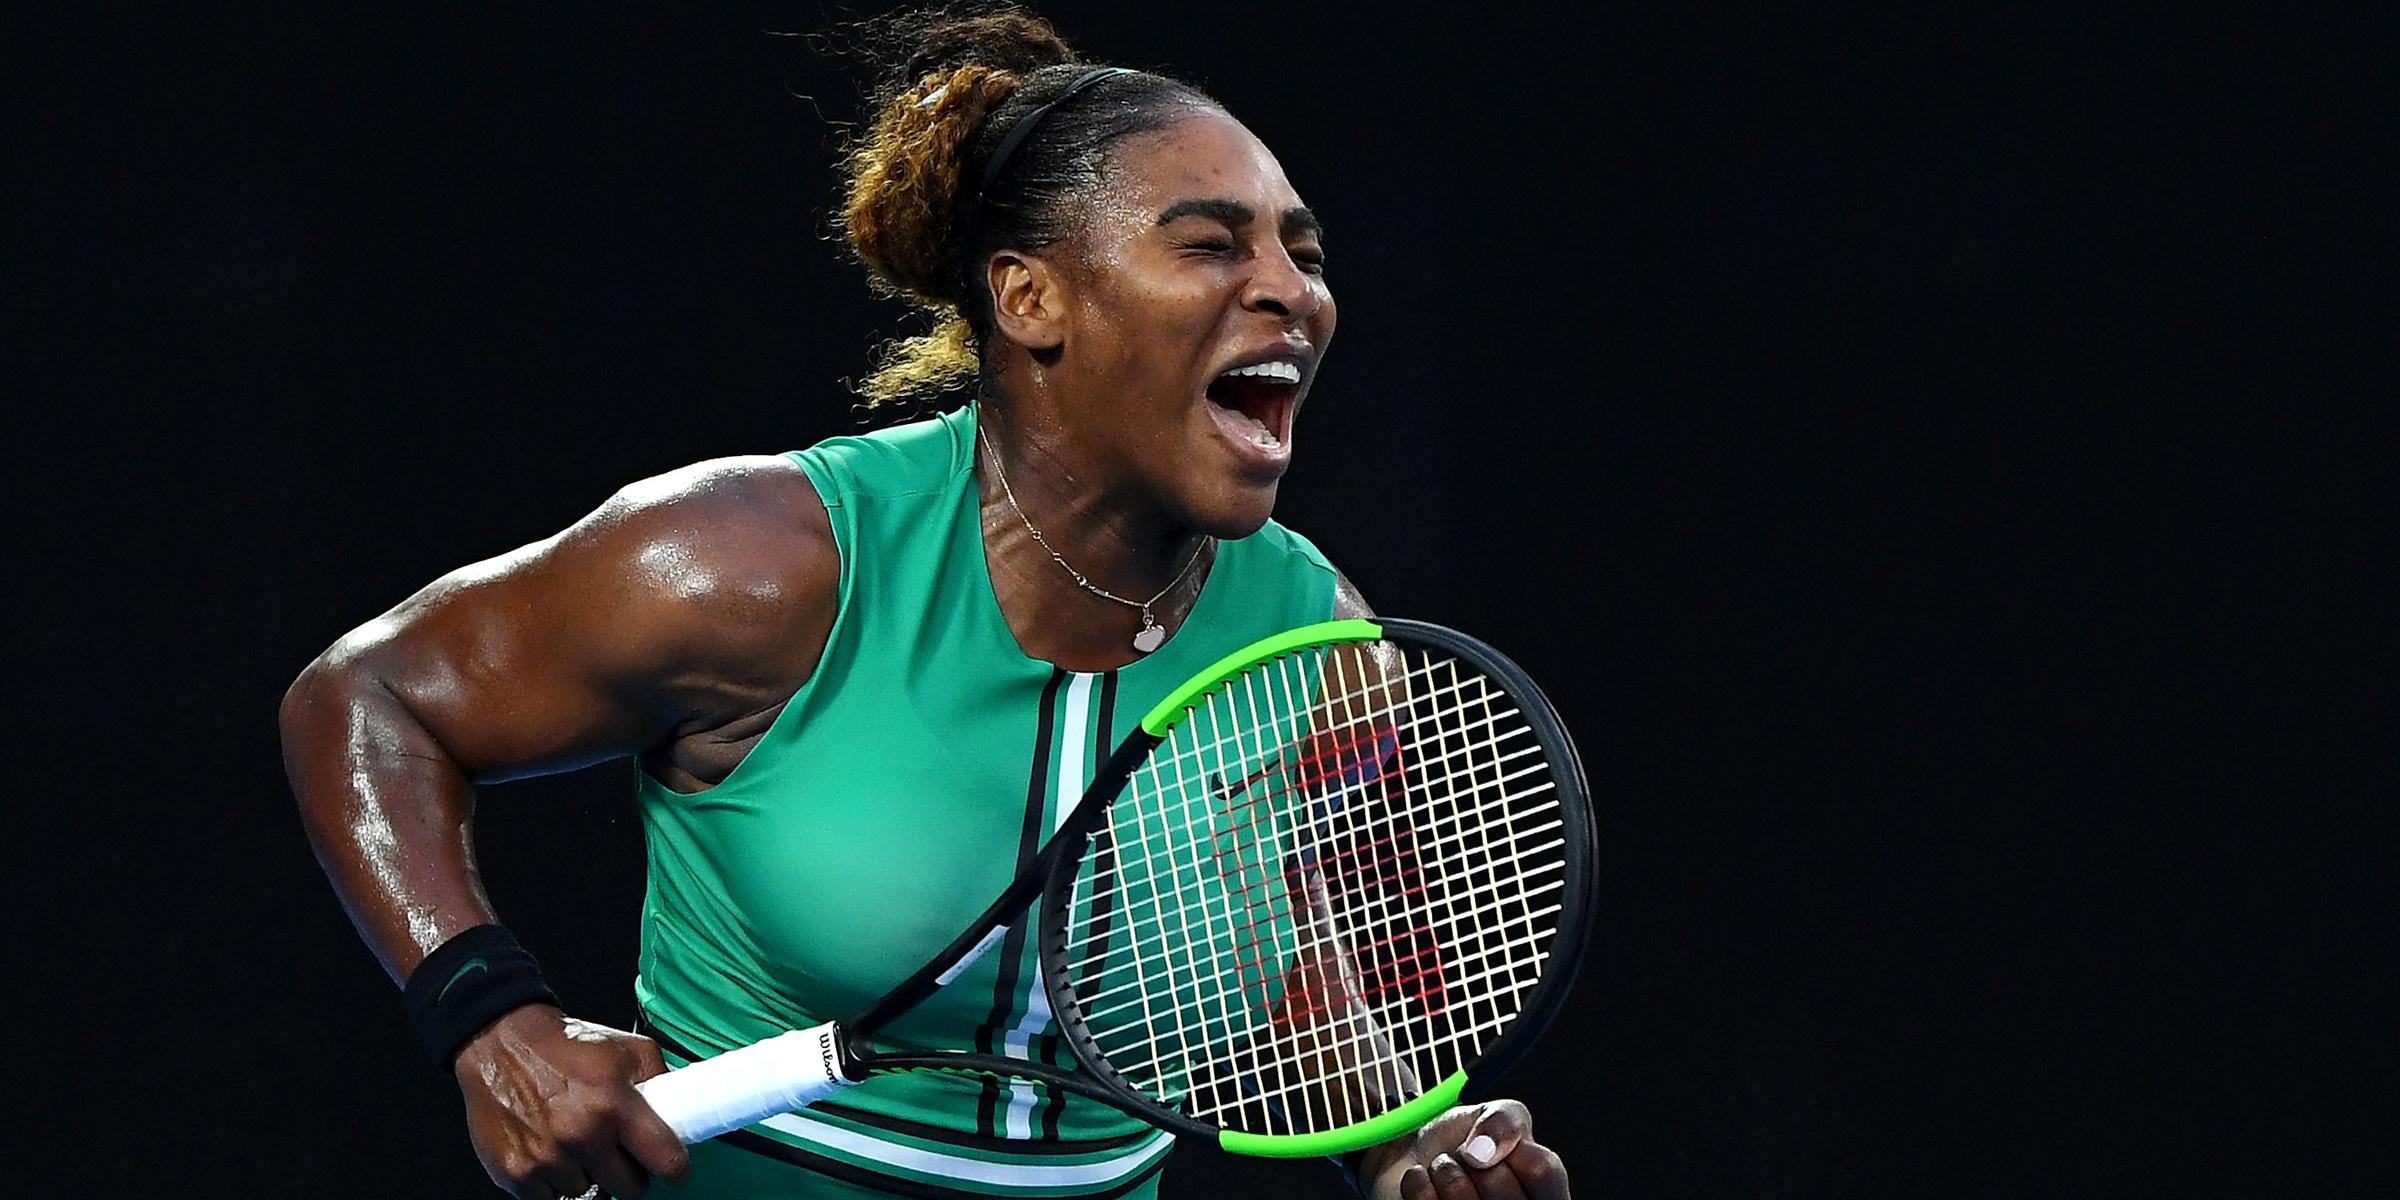 huella Pirata libro de bolsillo  Serena Williams Nike 'Dream Crazier' ad celebrates female athletes